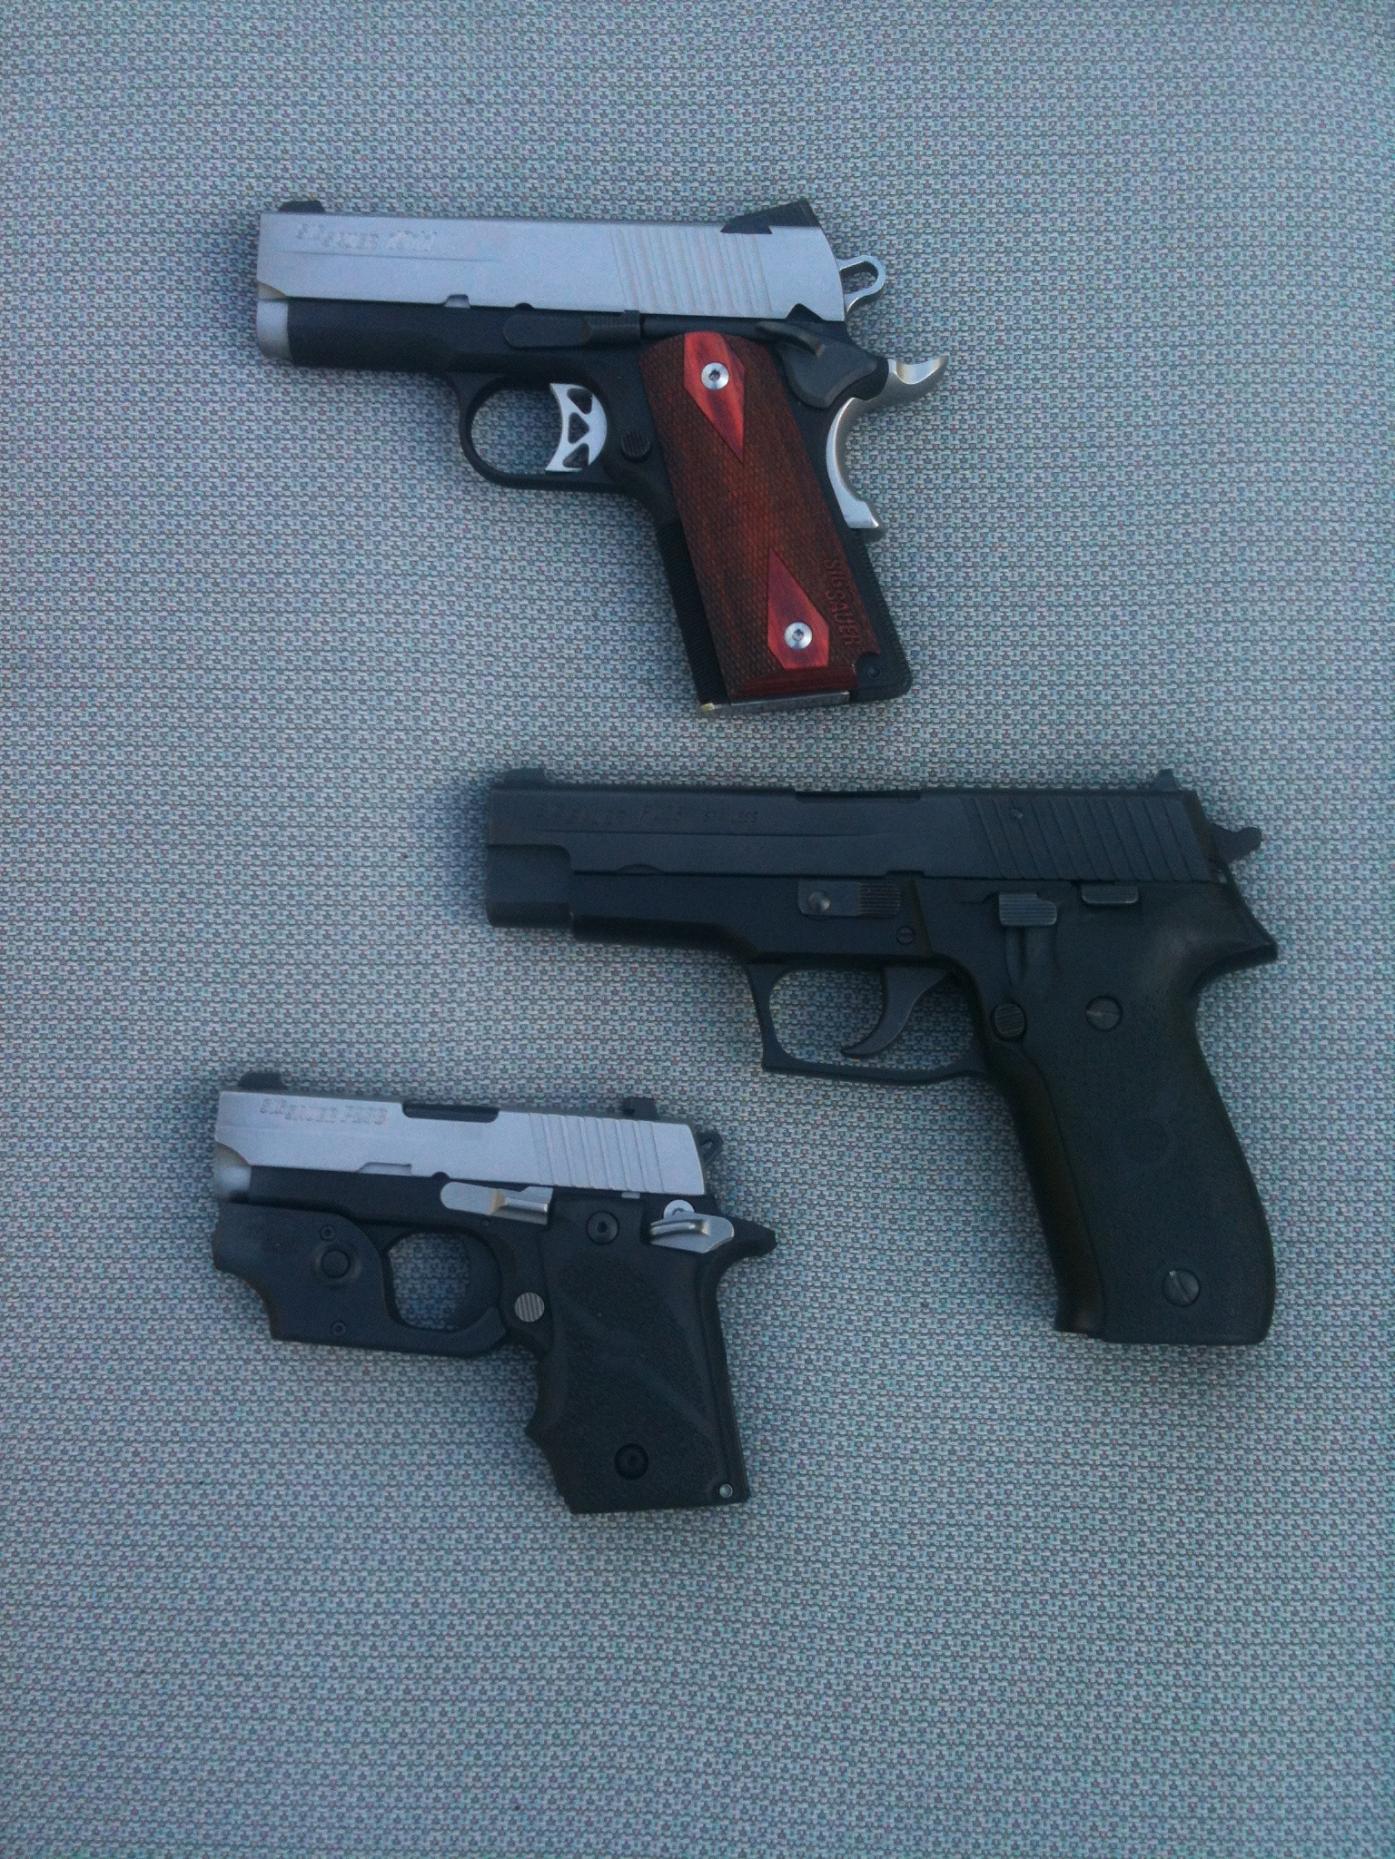 New Sig Sauer Pistol- Ultra Compact 1911-3sigs.jpg